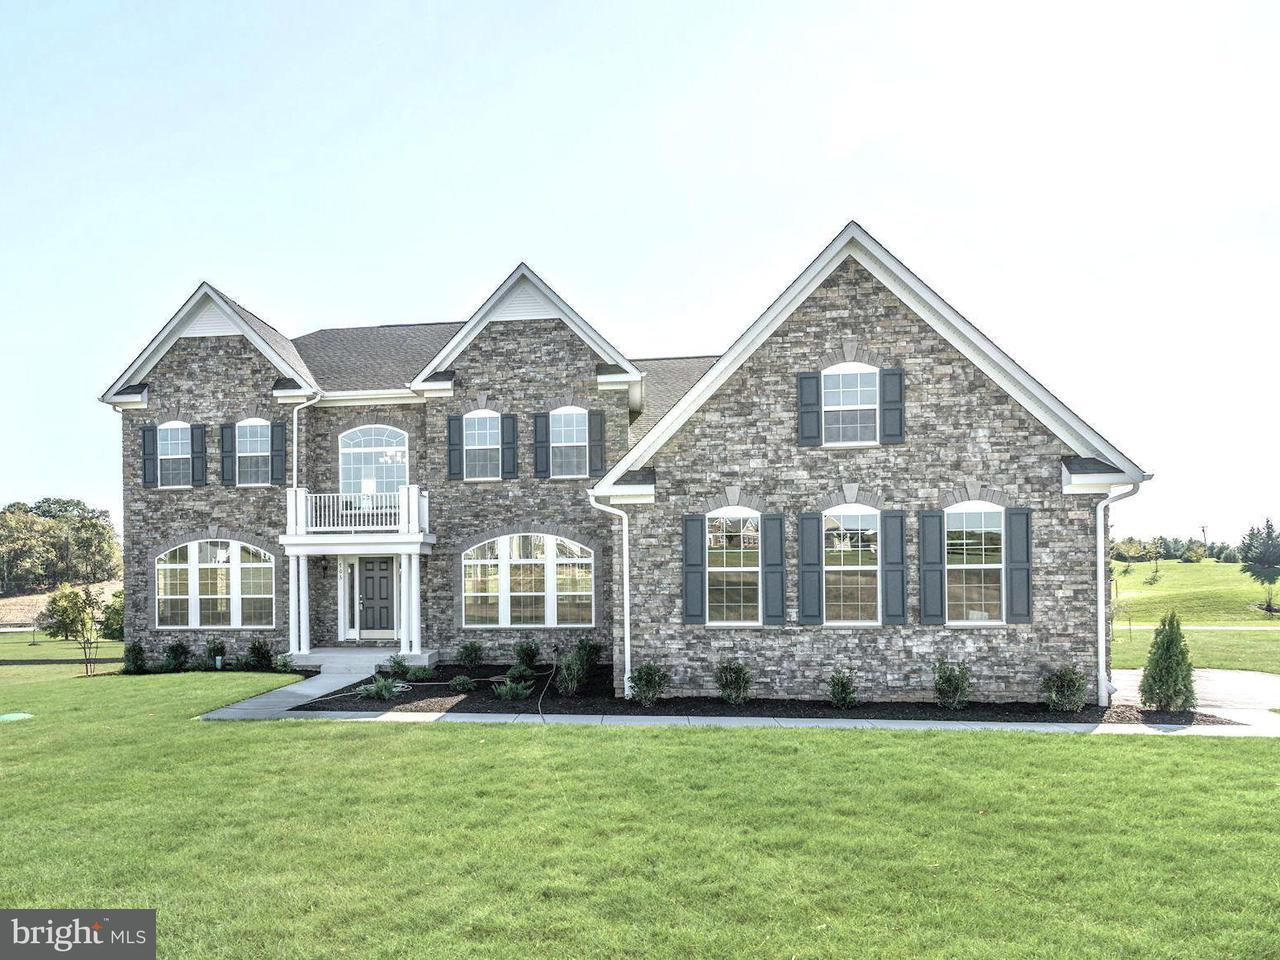 一戸建て のために 売買 アット 703 CHIMNEY ROCK Court 703 CHIMNEY ROCK Court Sykesville, メリーランド 21784 アメリカ合衆国